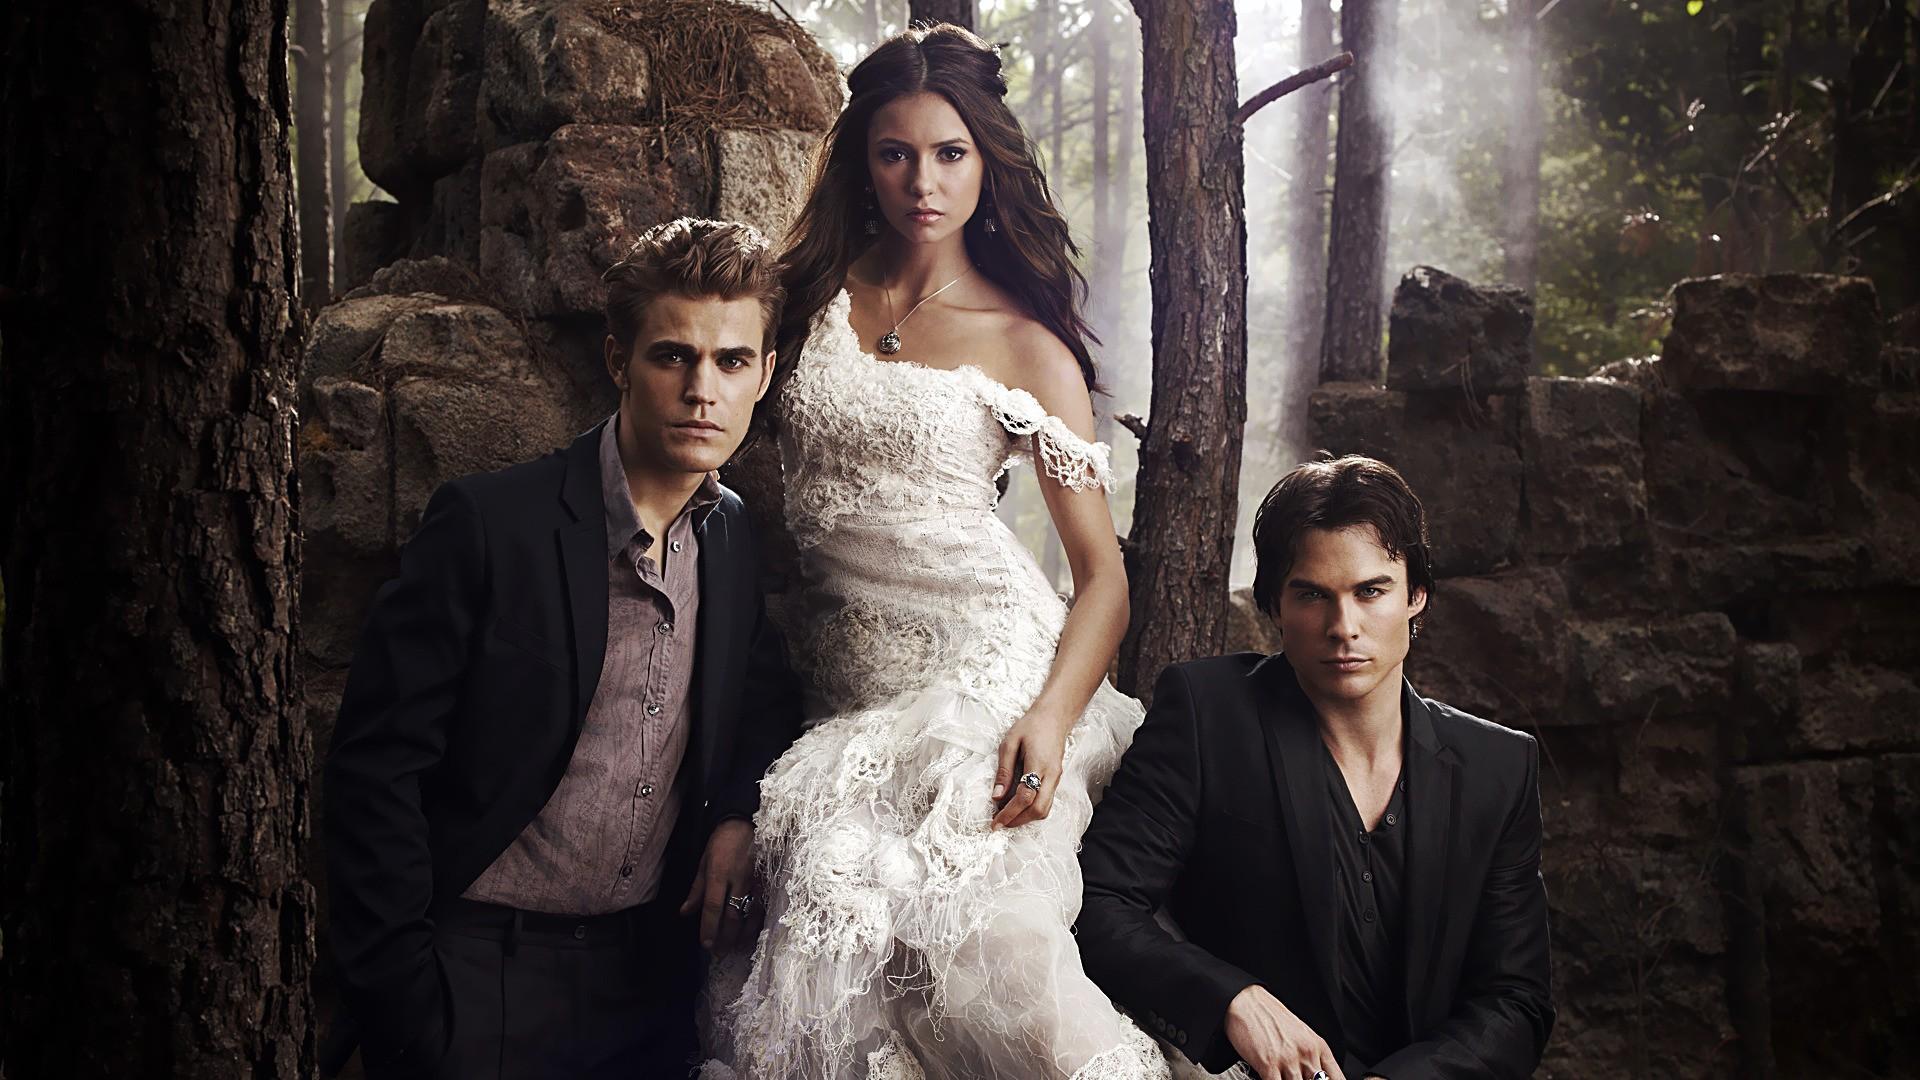 vampire diaries wallpaper,wedding dress,photograph,gown,dress,bride